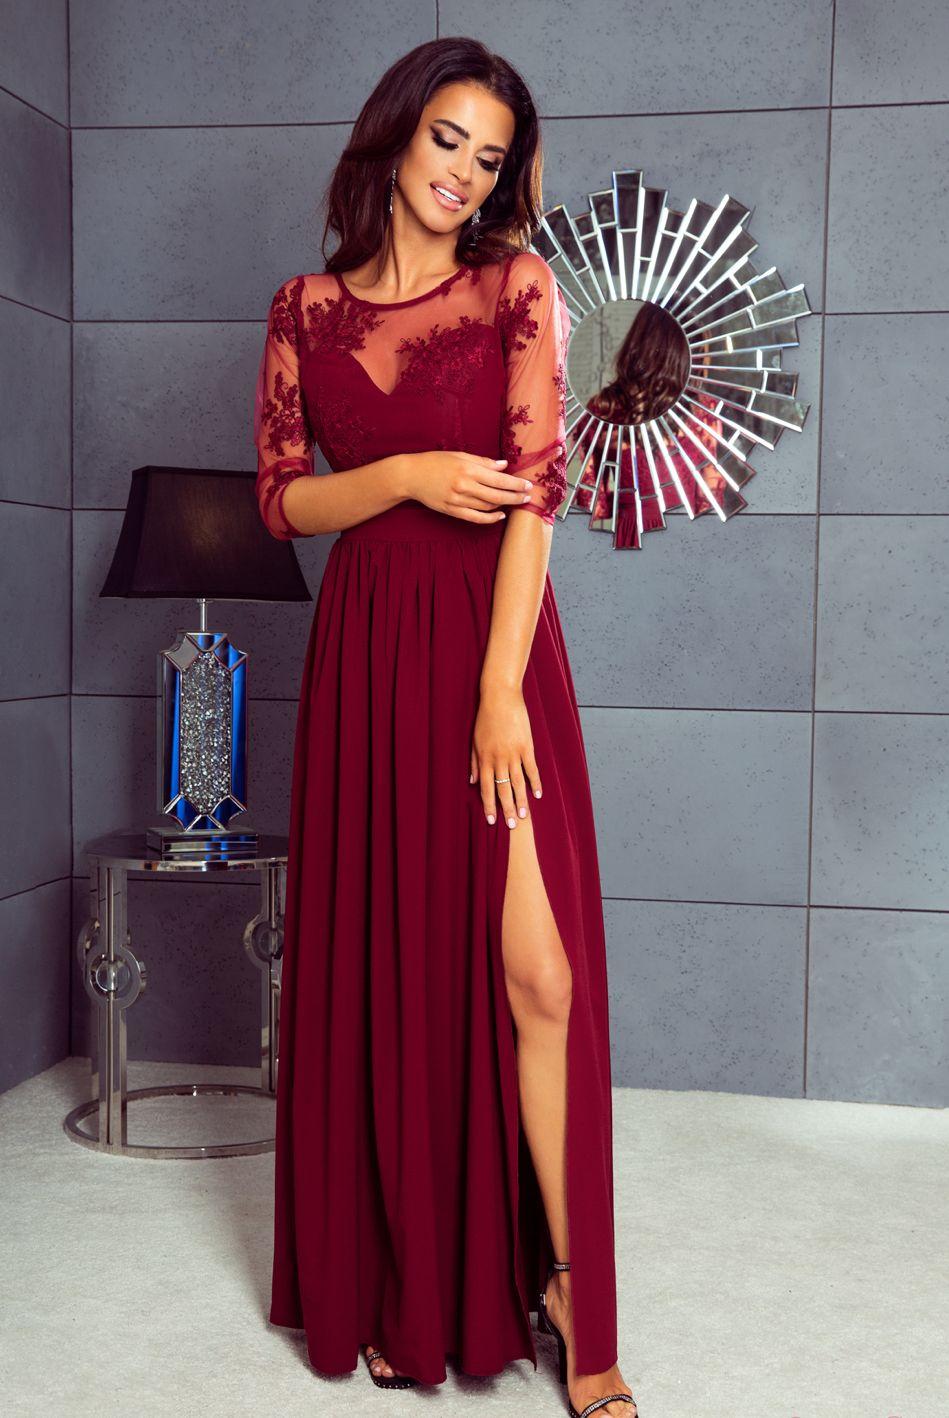 79f8ba54f6 Długa sukienka wieczorowa w dużym rozmiarze na wesele